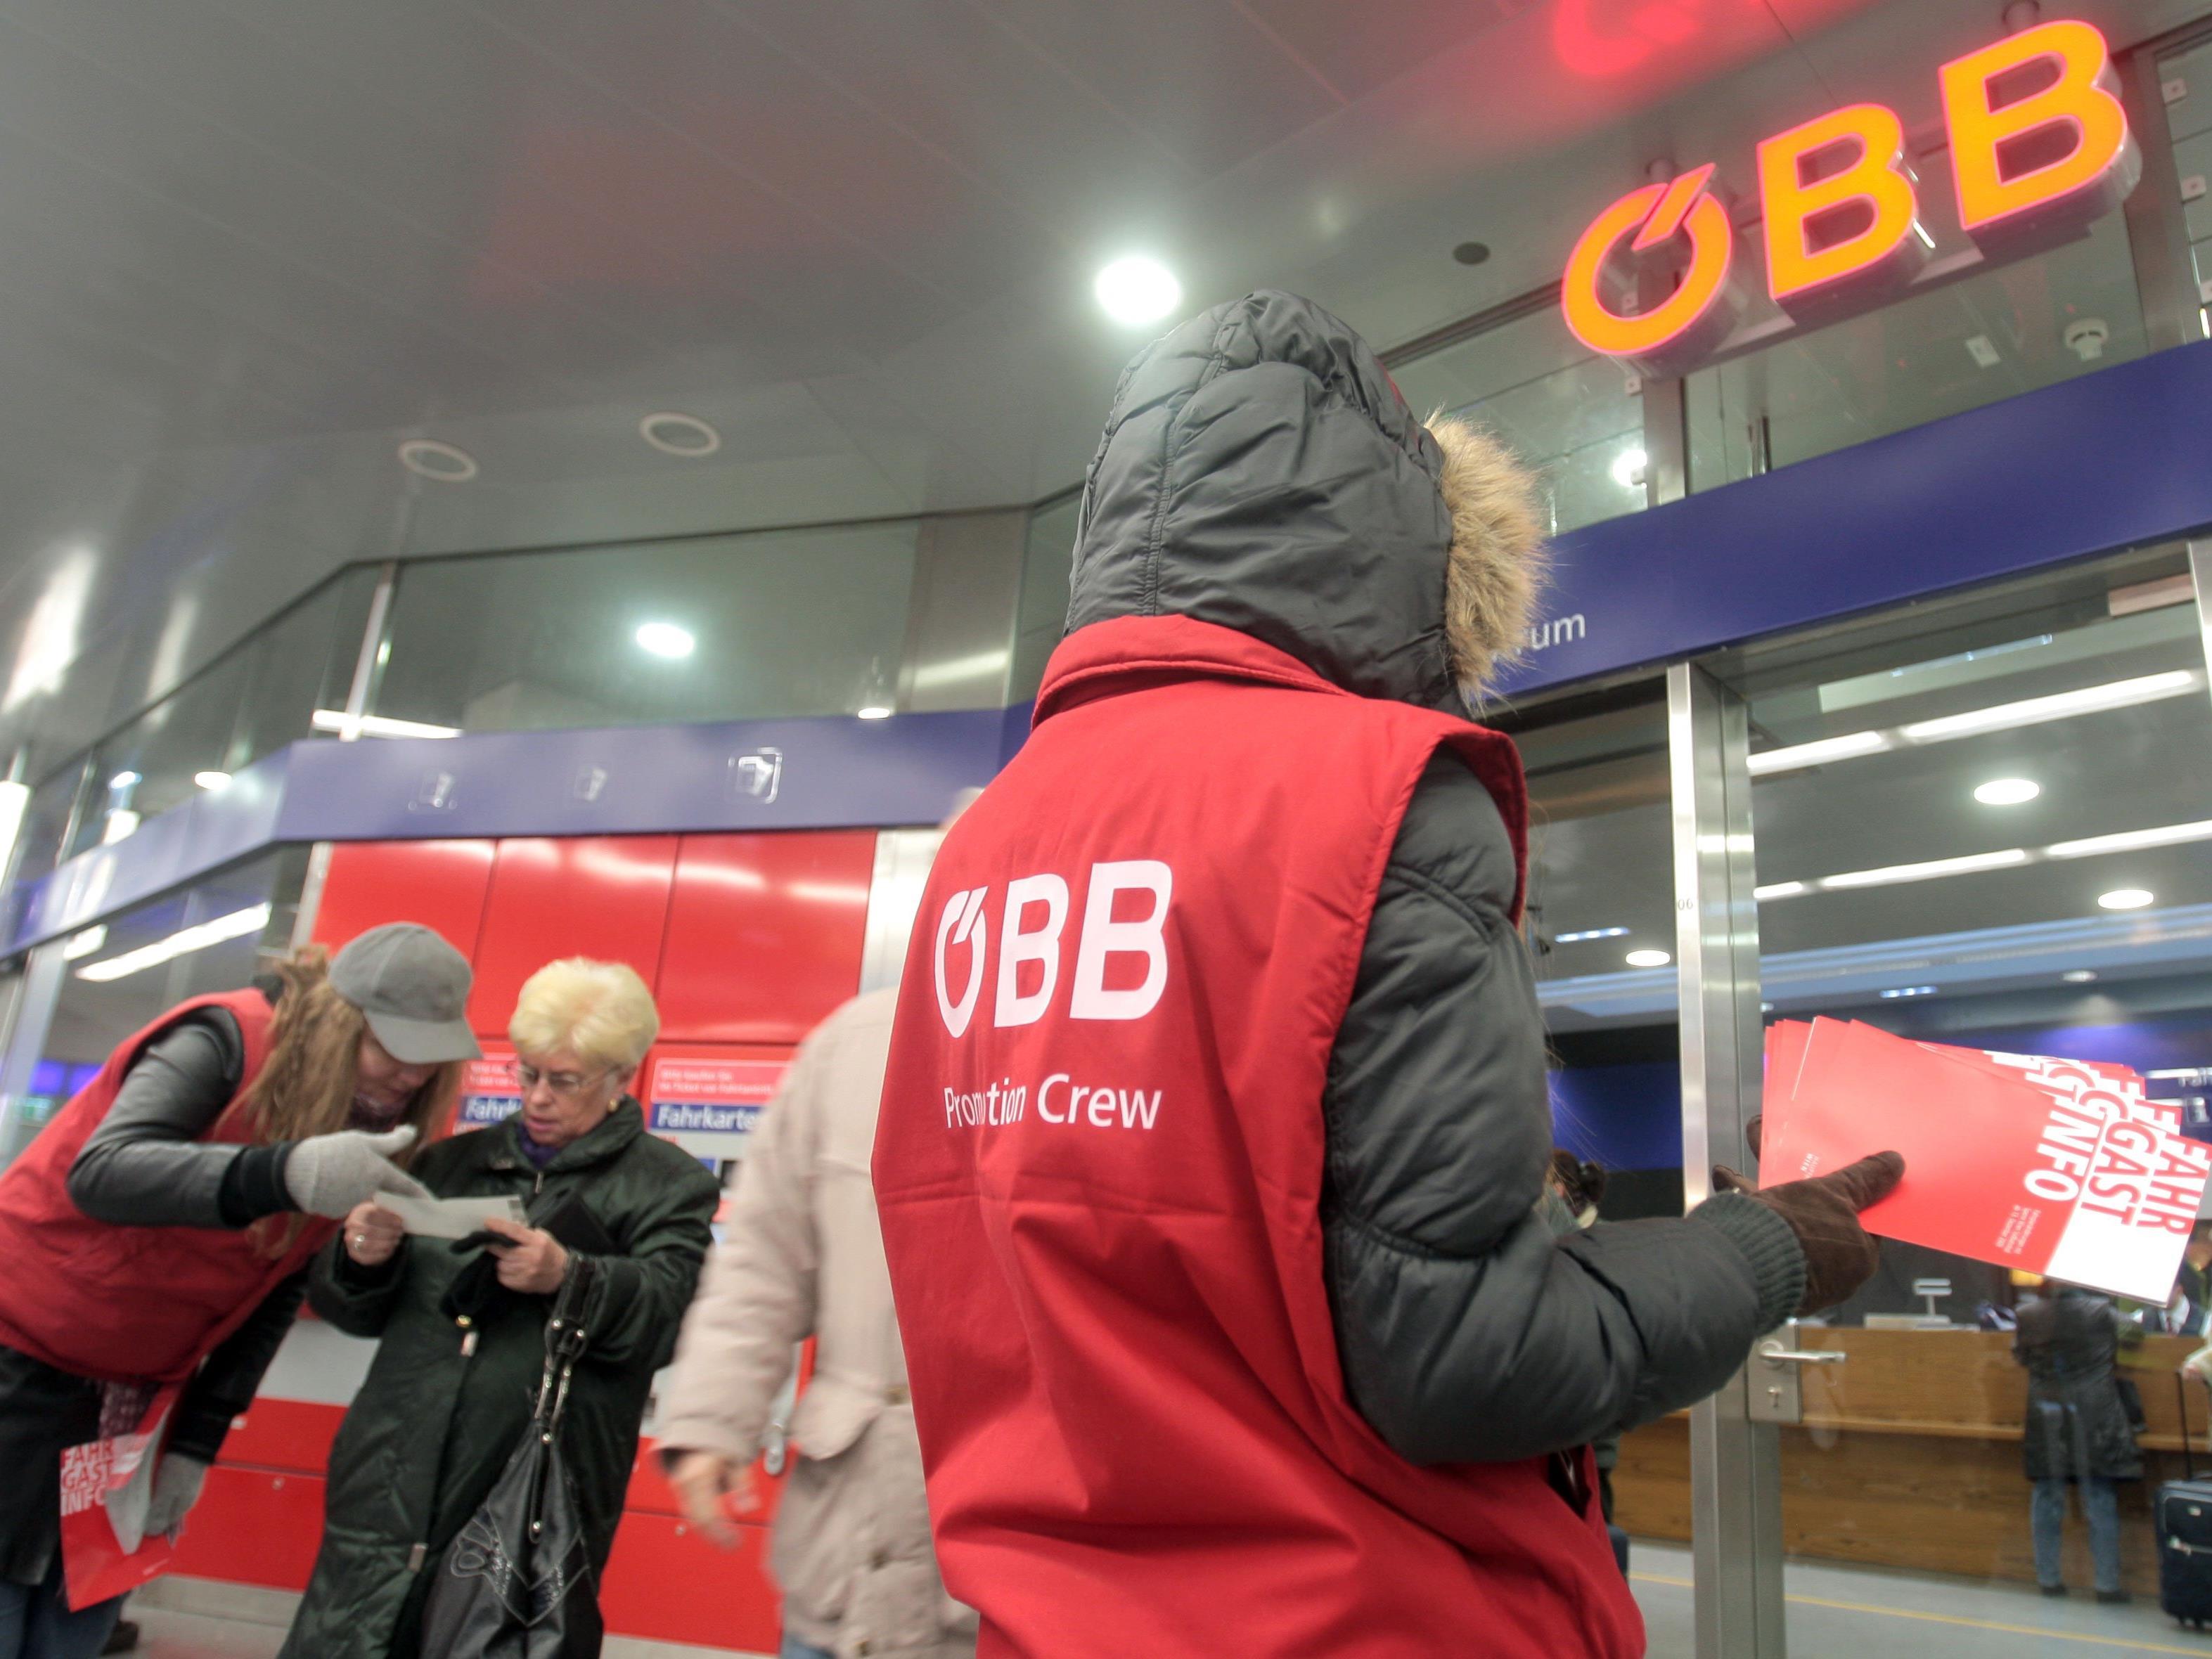 Neue Ausrüstung erhielten die ÖBB-Securitys